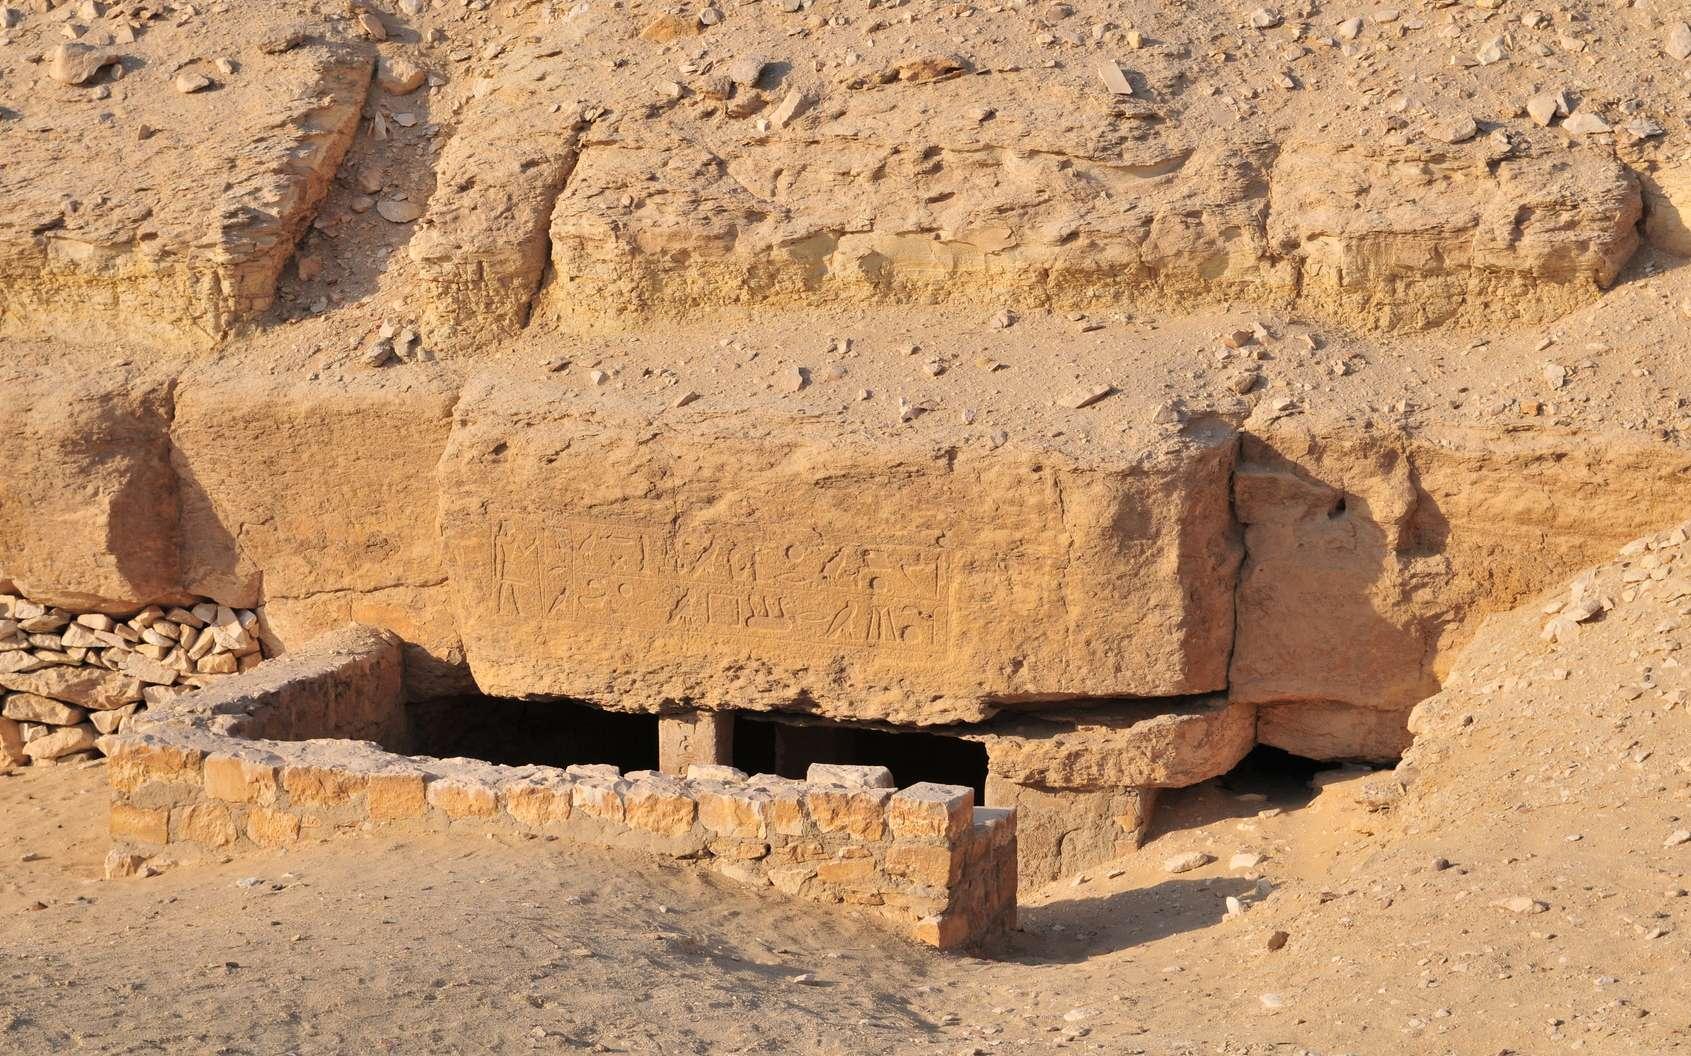 Égypte : une tombe de plus de 4.400 ans découverte à Saqqara